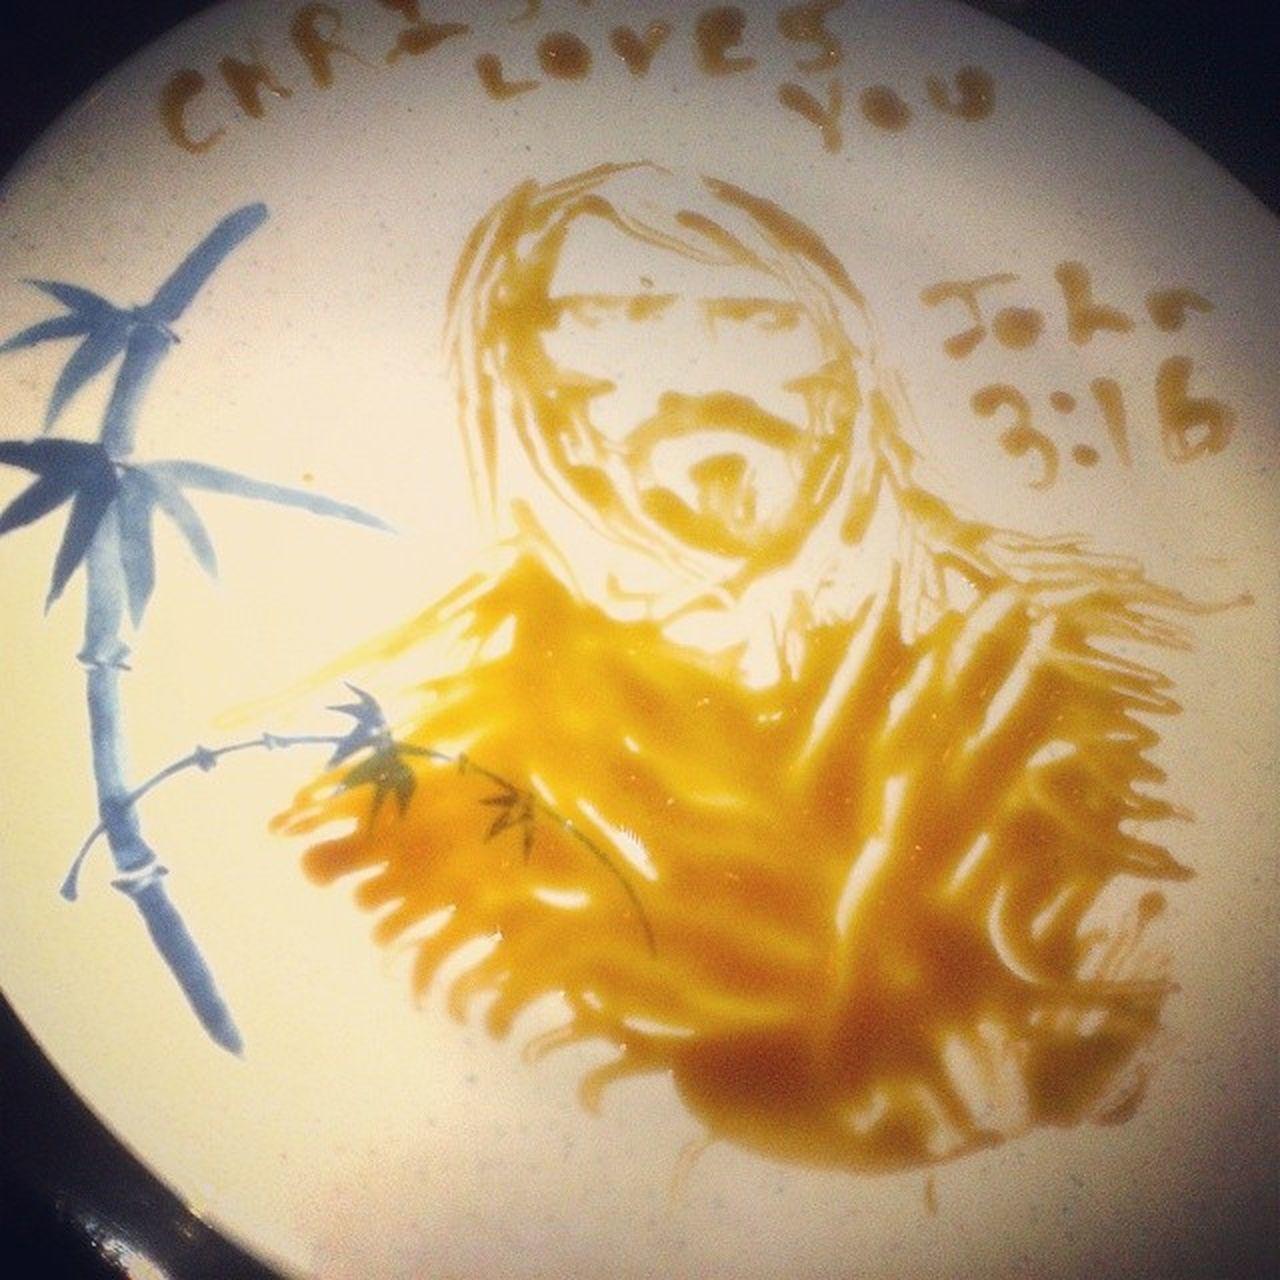 Eel Sauce Jesus @ Mulan's Evandalism